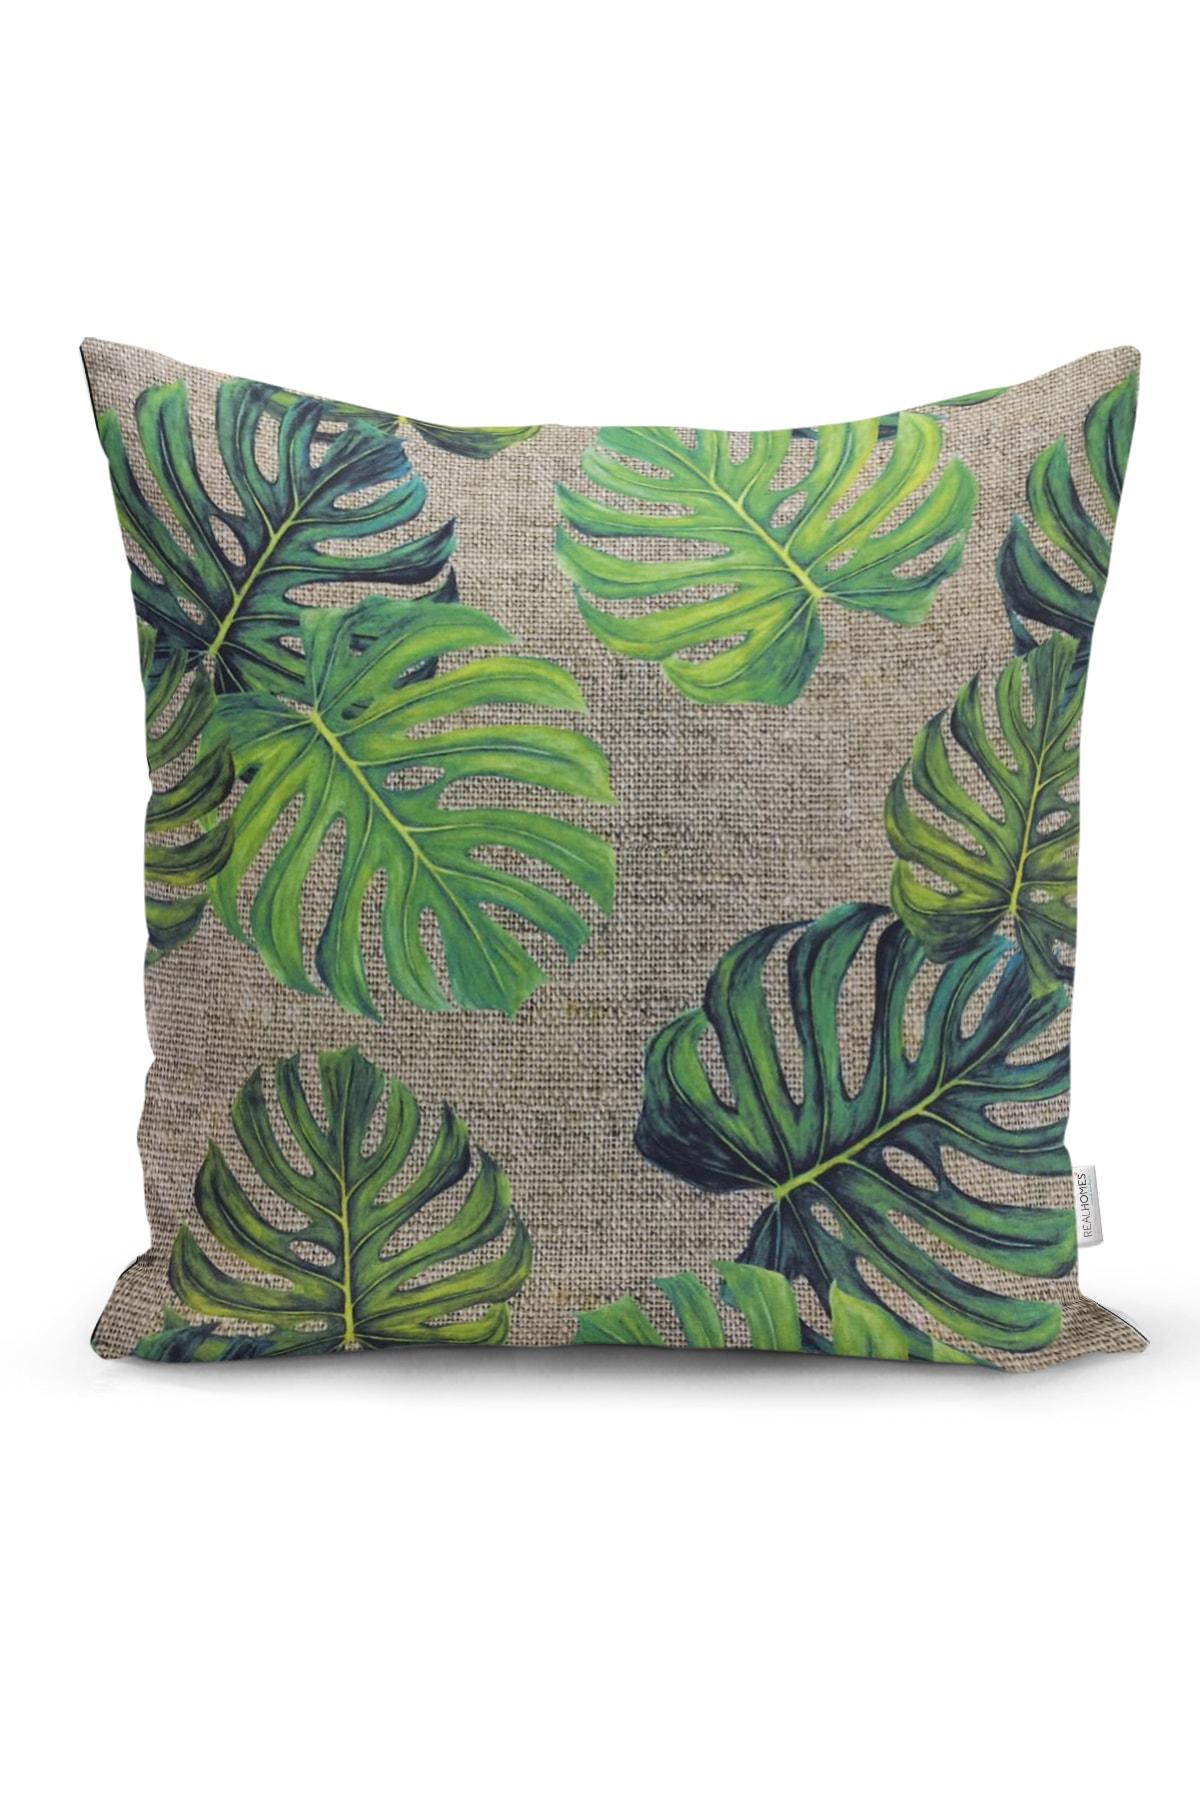 Realhomes Çuval Zeminli Palmiye Yaprakları Özel Tasarım Yastık Kırlent Kılıfı